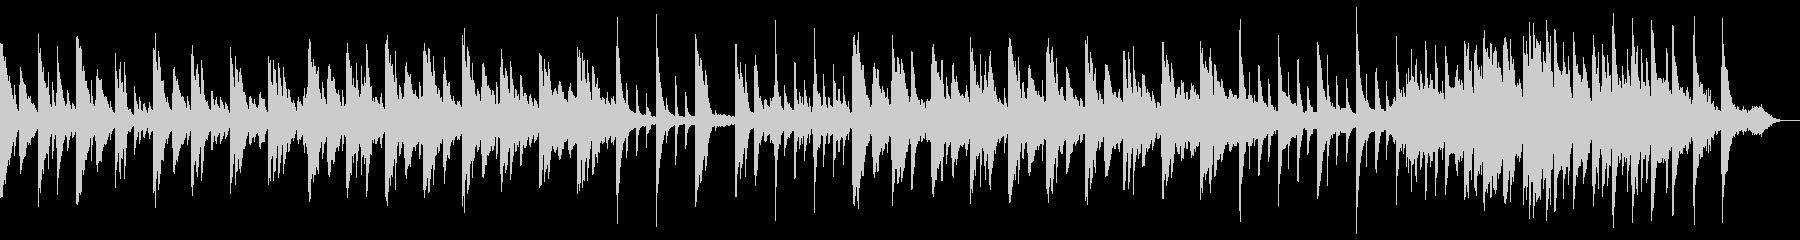 ピアノの美しい旋律のリラクゼーション楽曲の未再生の波形